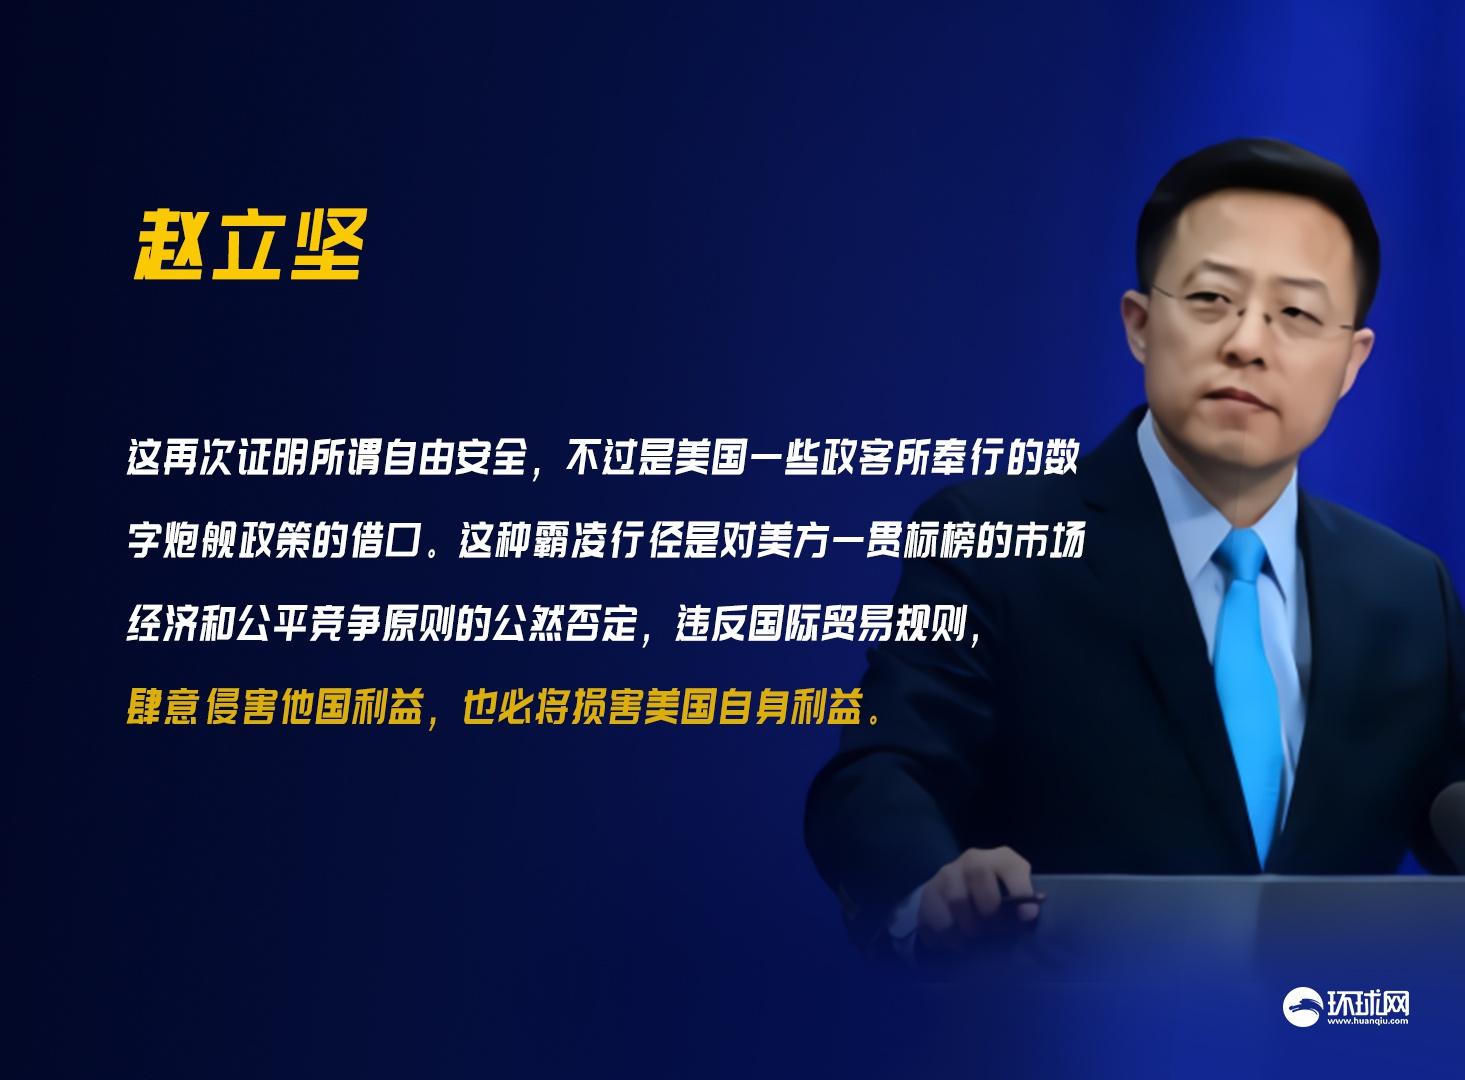 特朗普再签涉TikTok行政令,赵立坚回应提出两点核心事实!